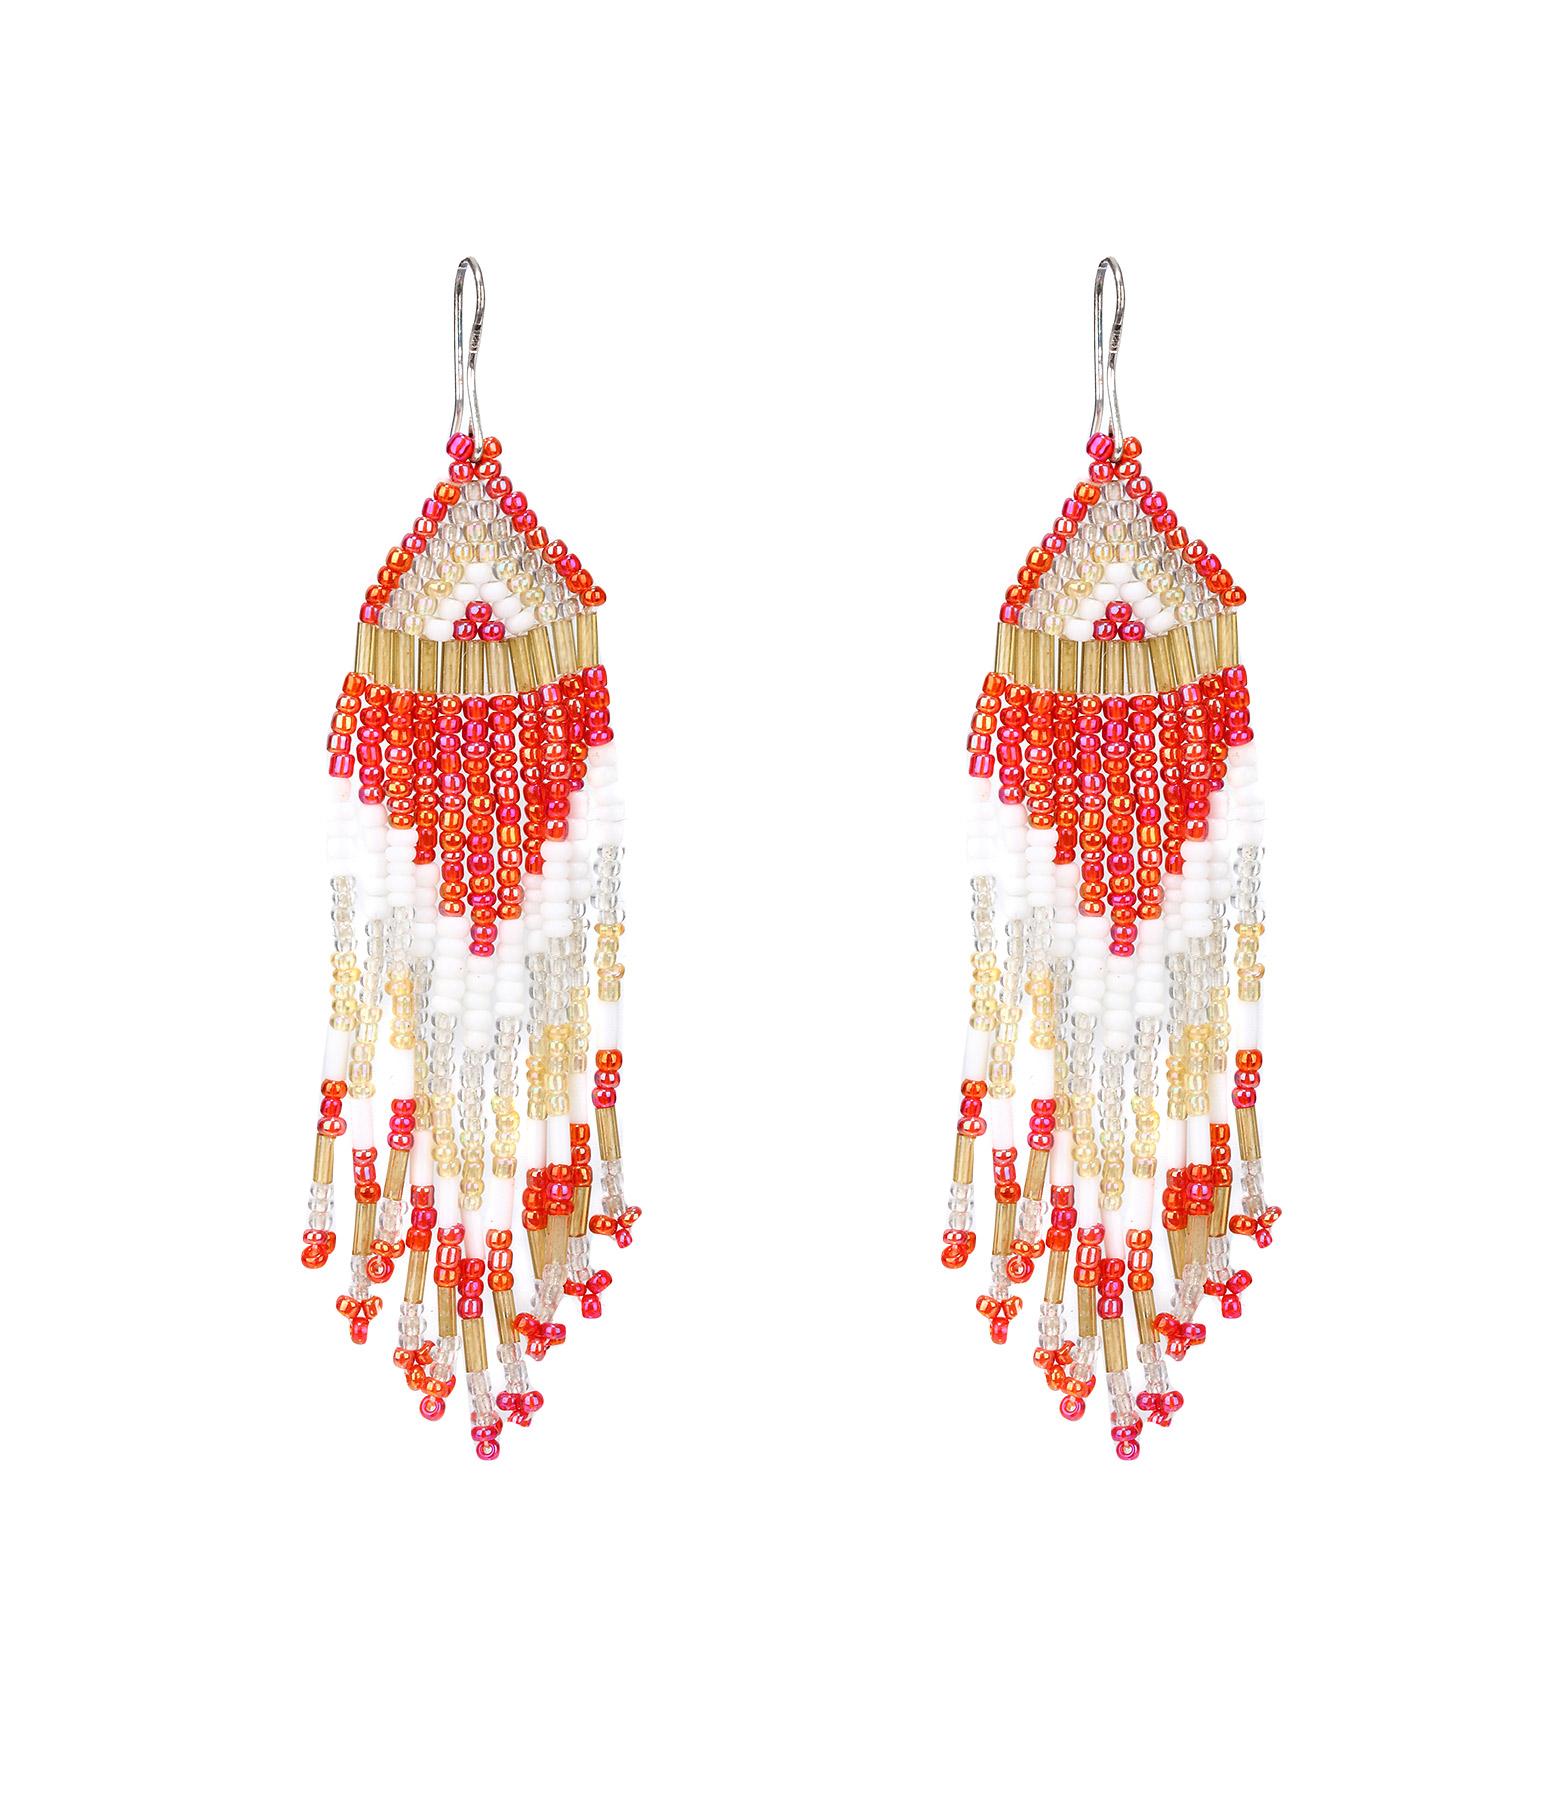 Boucles d'oreilles Perles Rouge